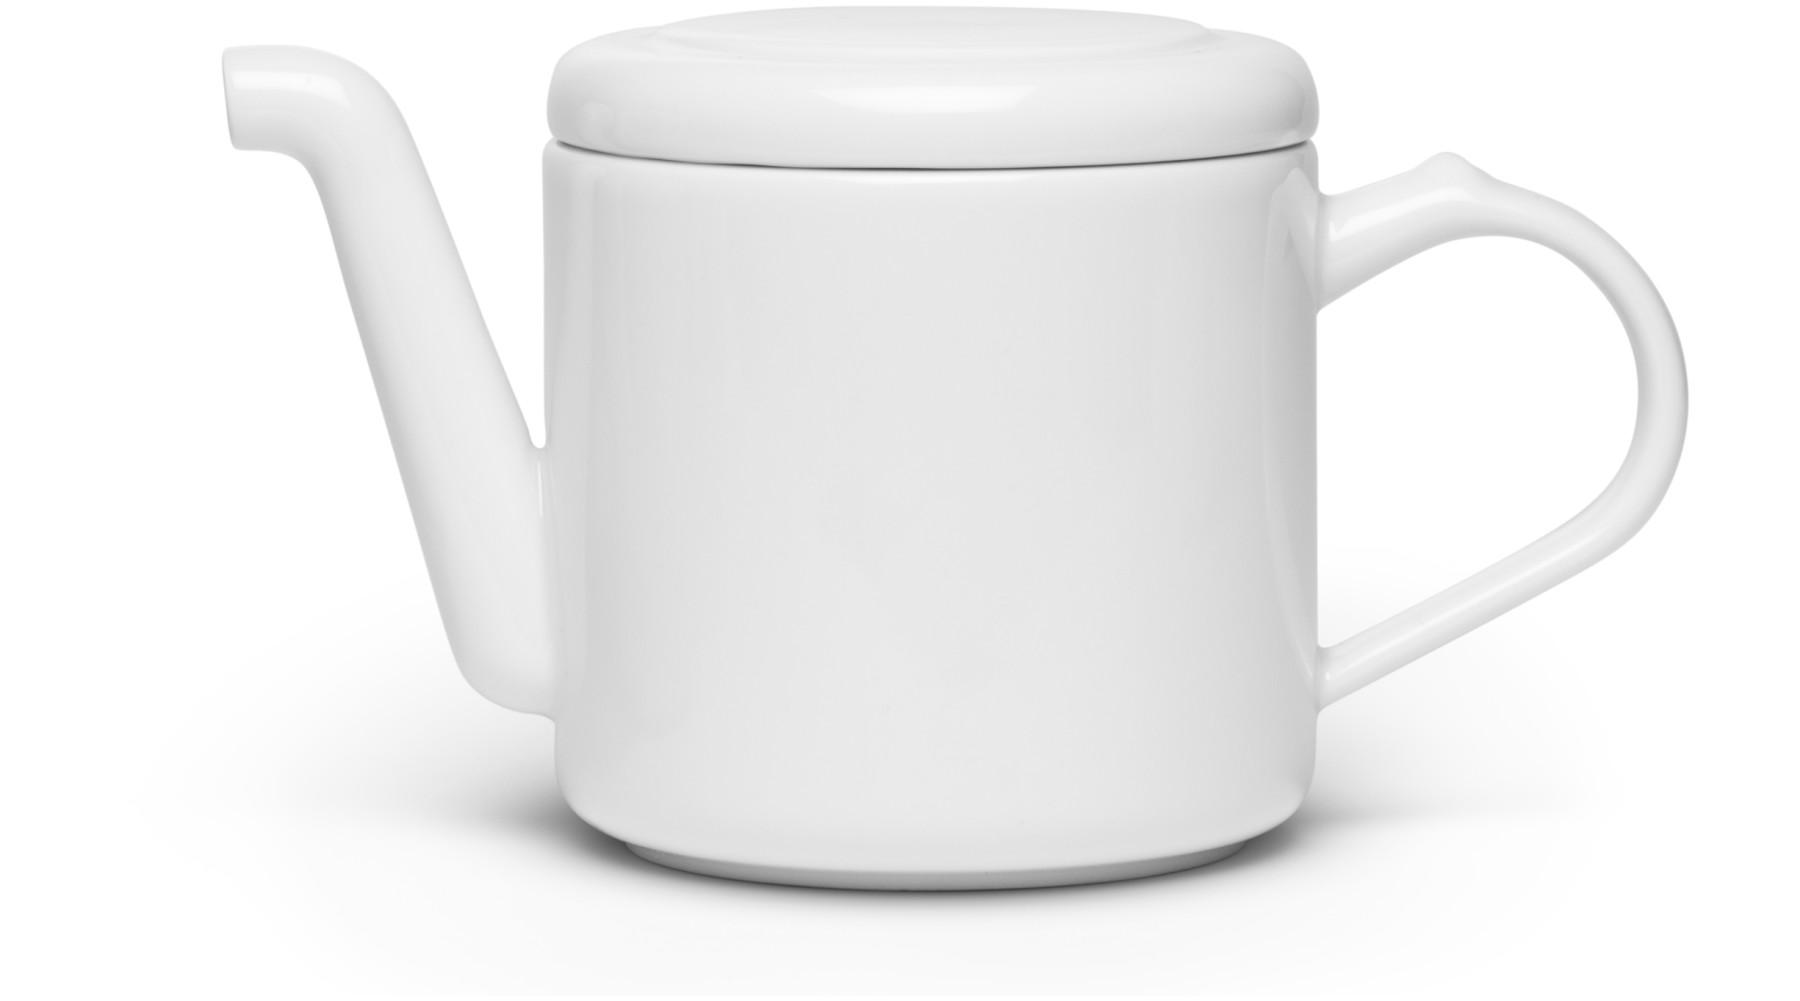 Tea/Kaffeekanne S 550 ml SOLO